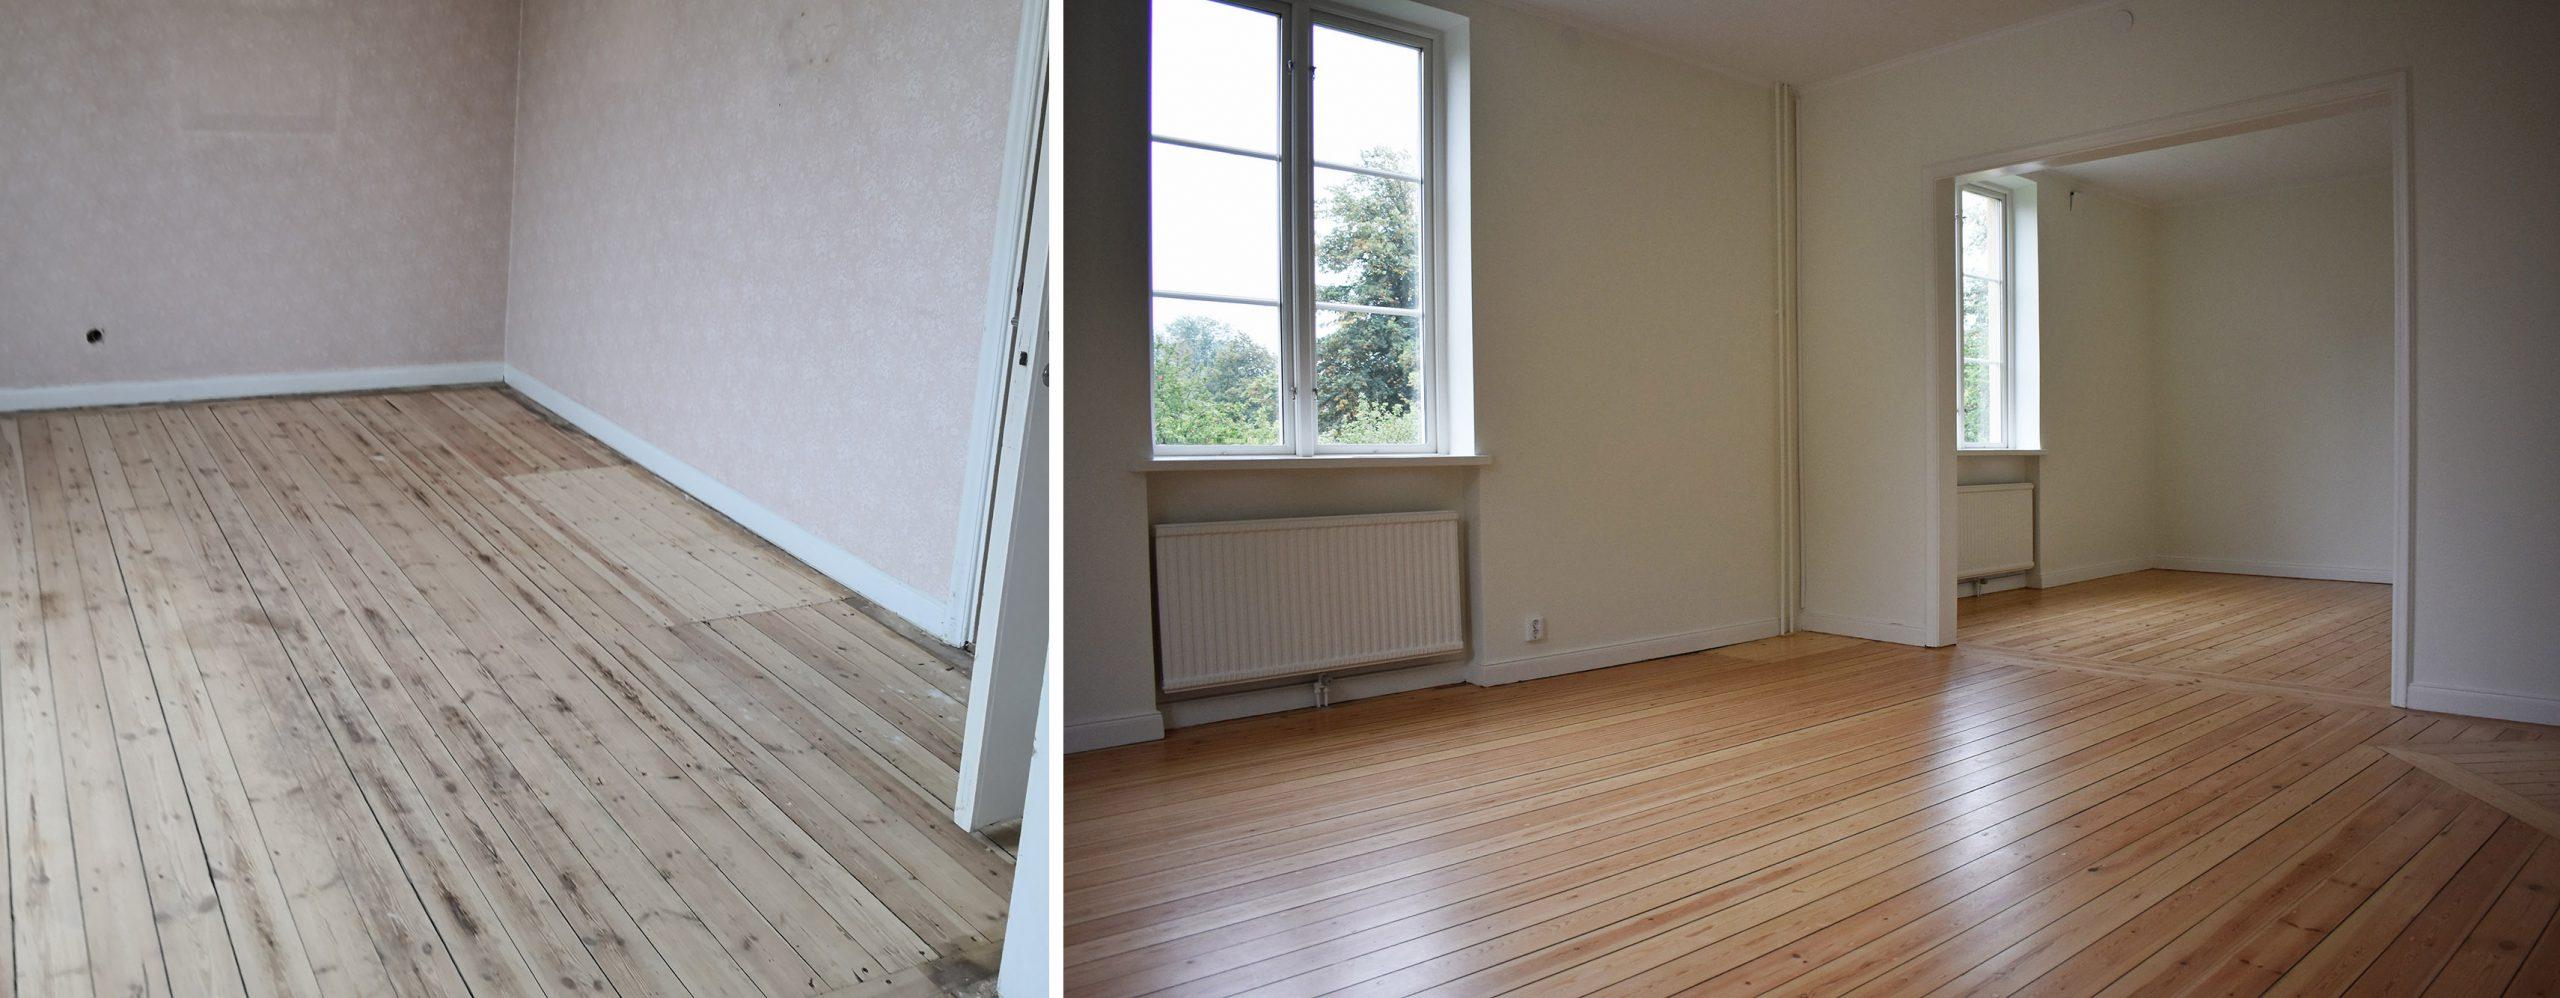 Vardagsrum före och efter renovering.